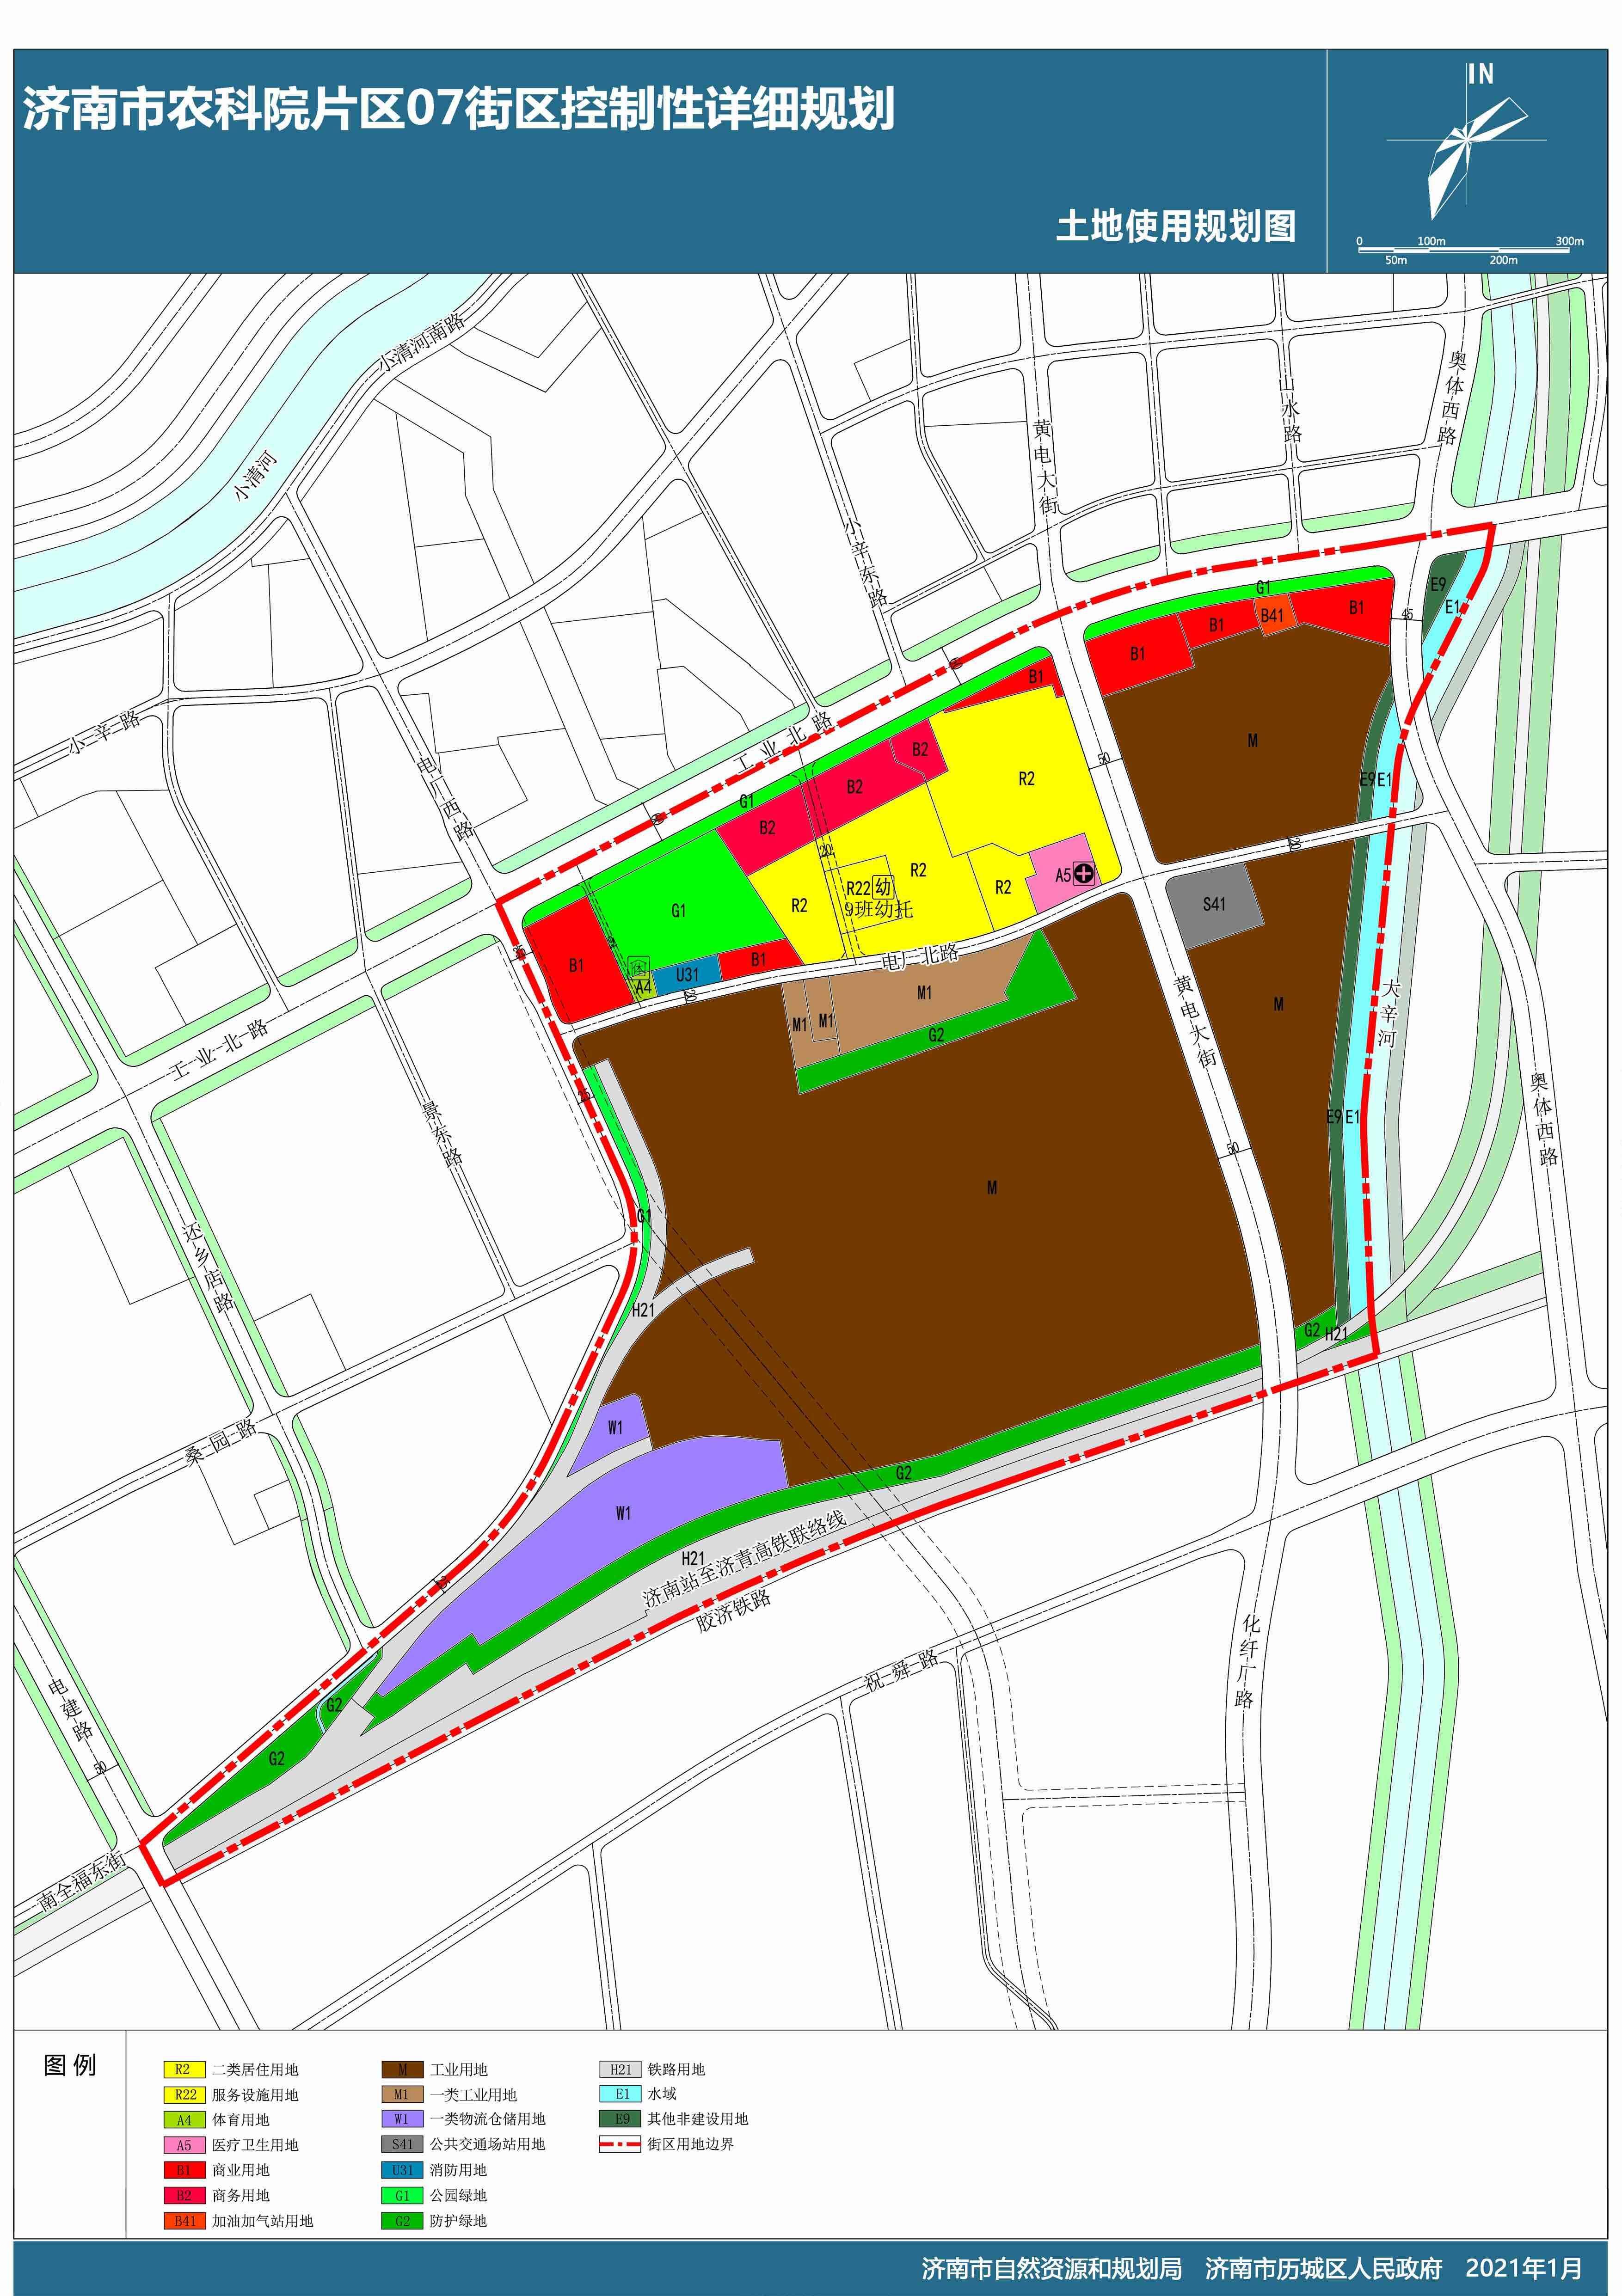 济南发布9大片区、15个街区新规划!涉及古城、商埠、王舍人等多个热门片区